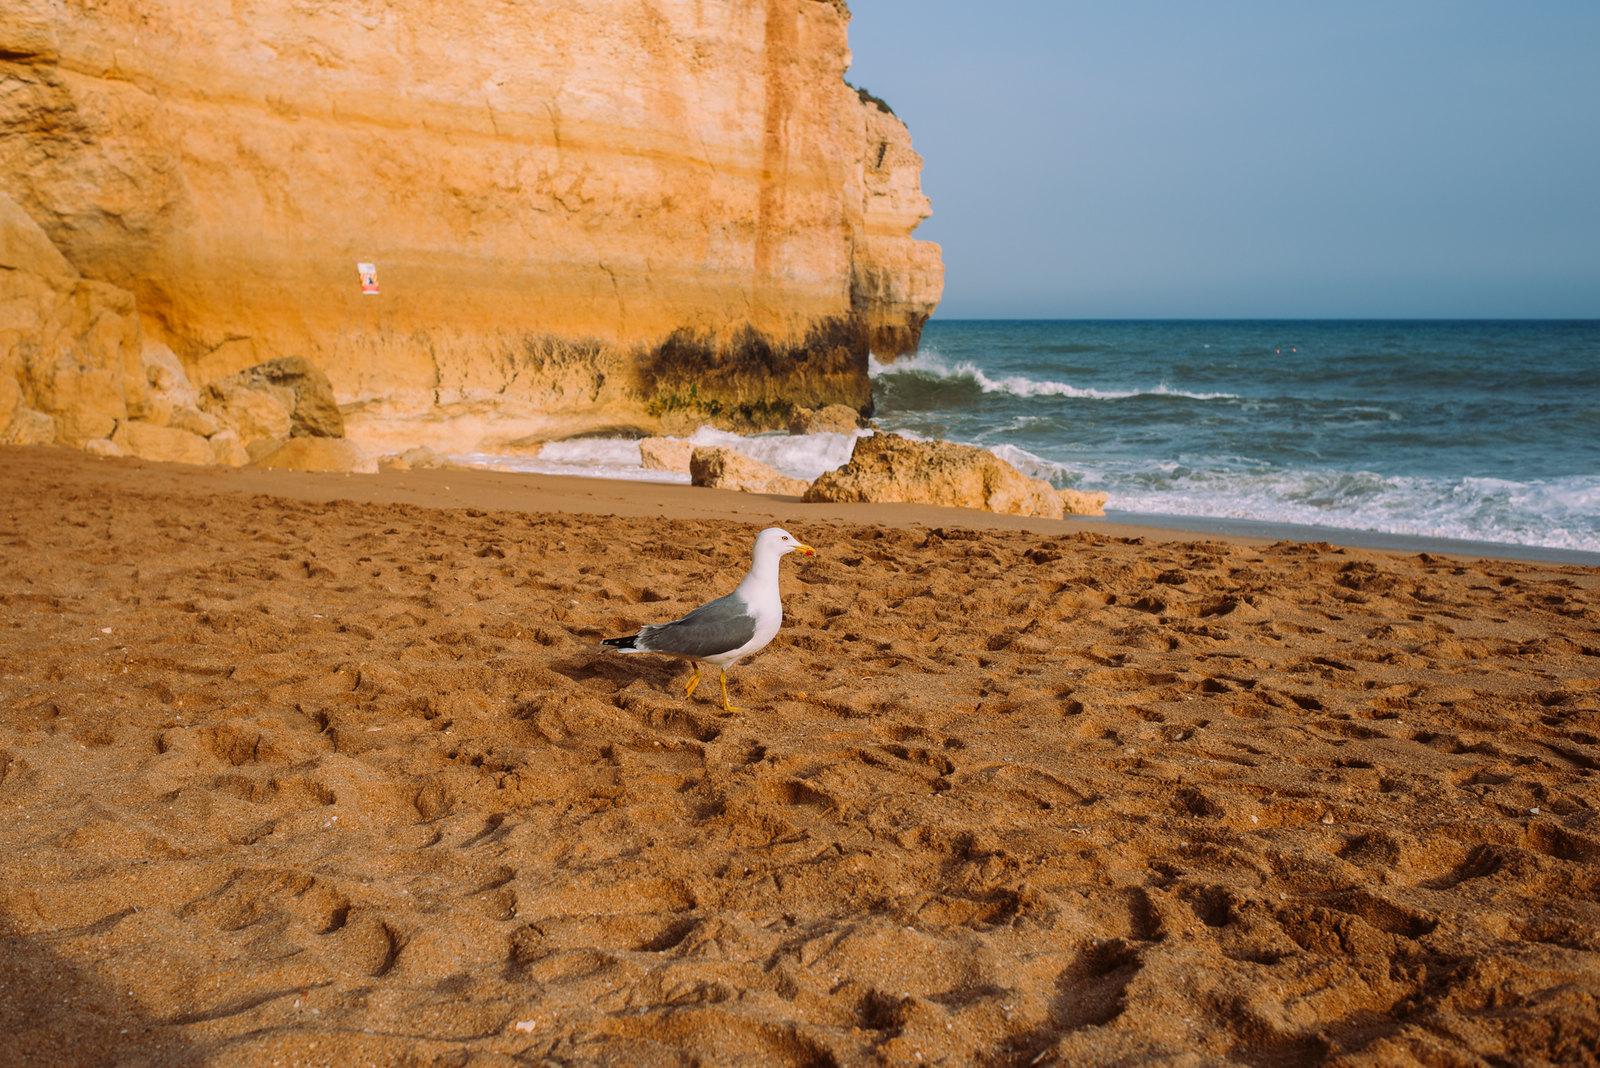 Praia de Benagil - a legtöbbet reklámozott portugál strand